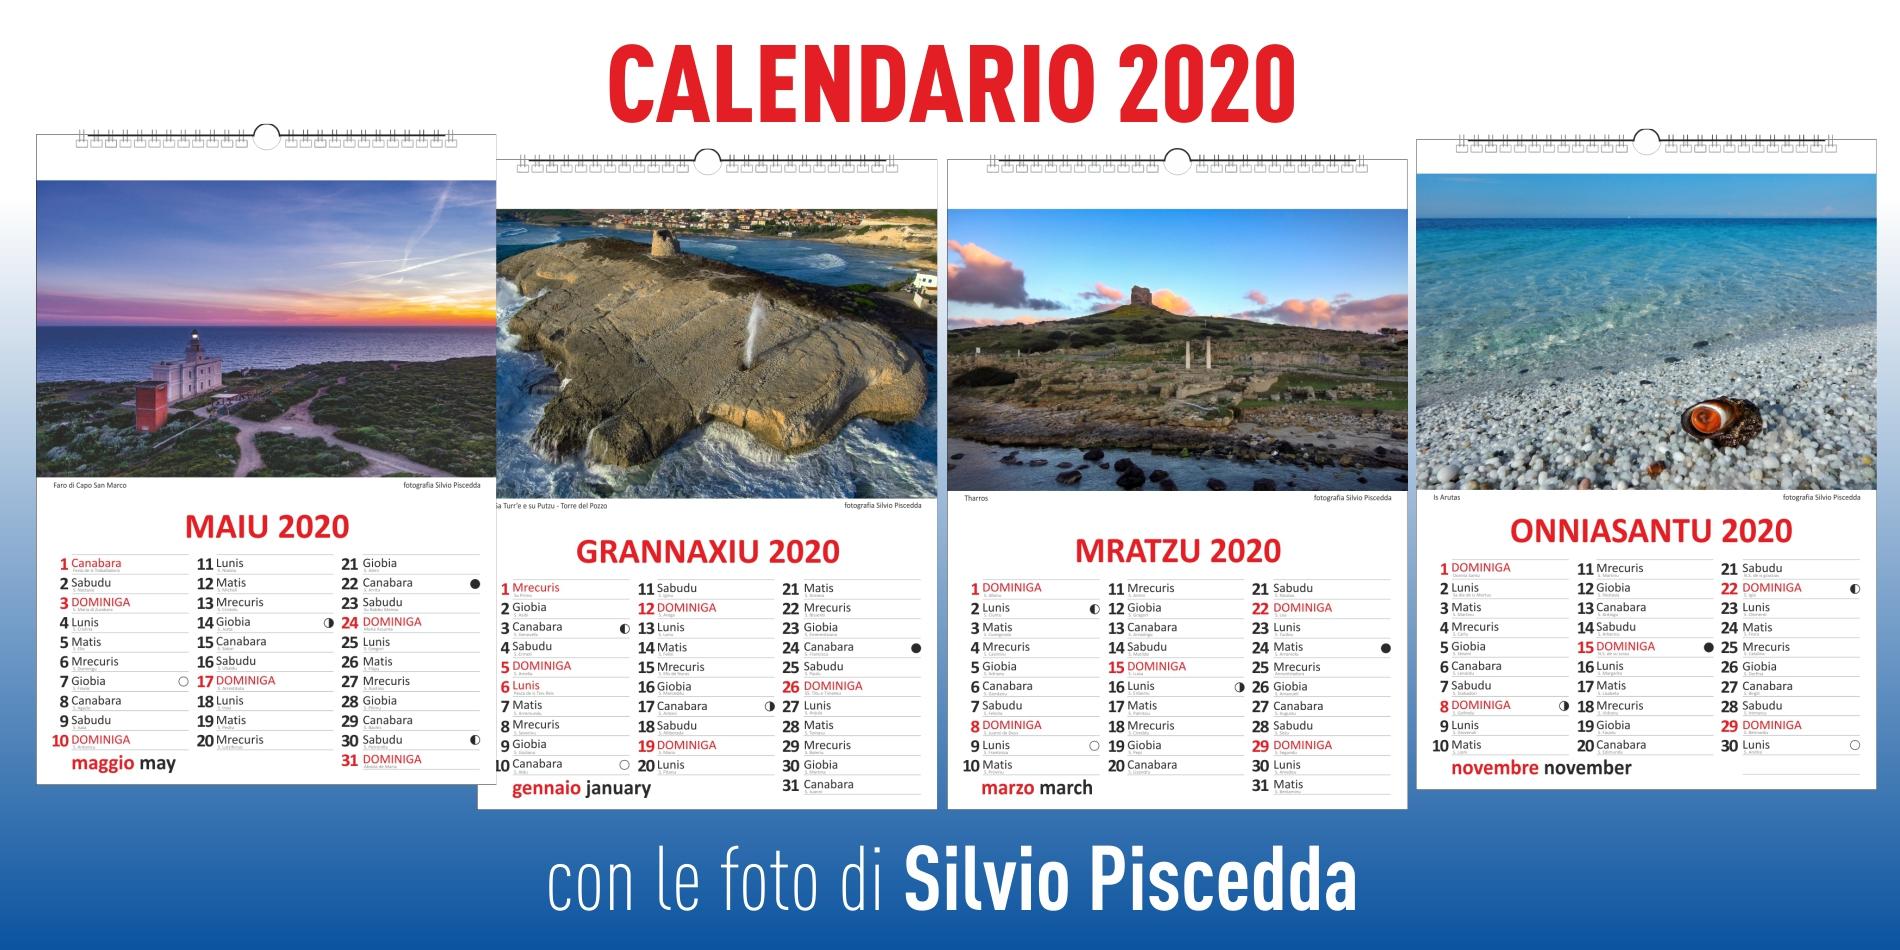 calendario 2020 silvio